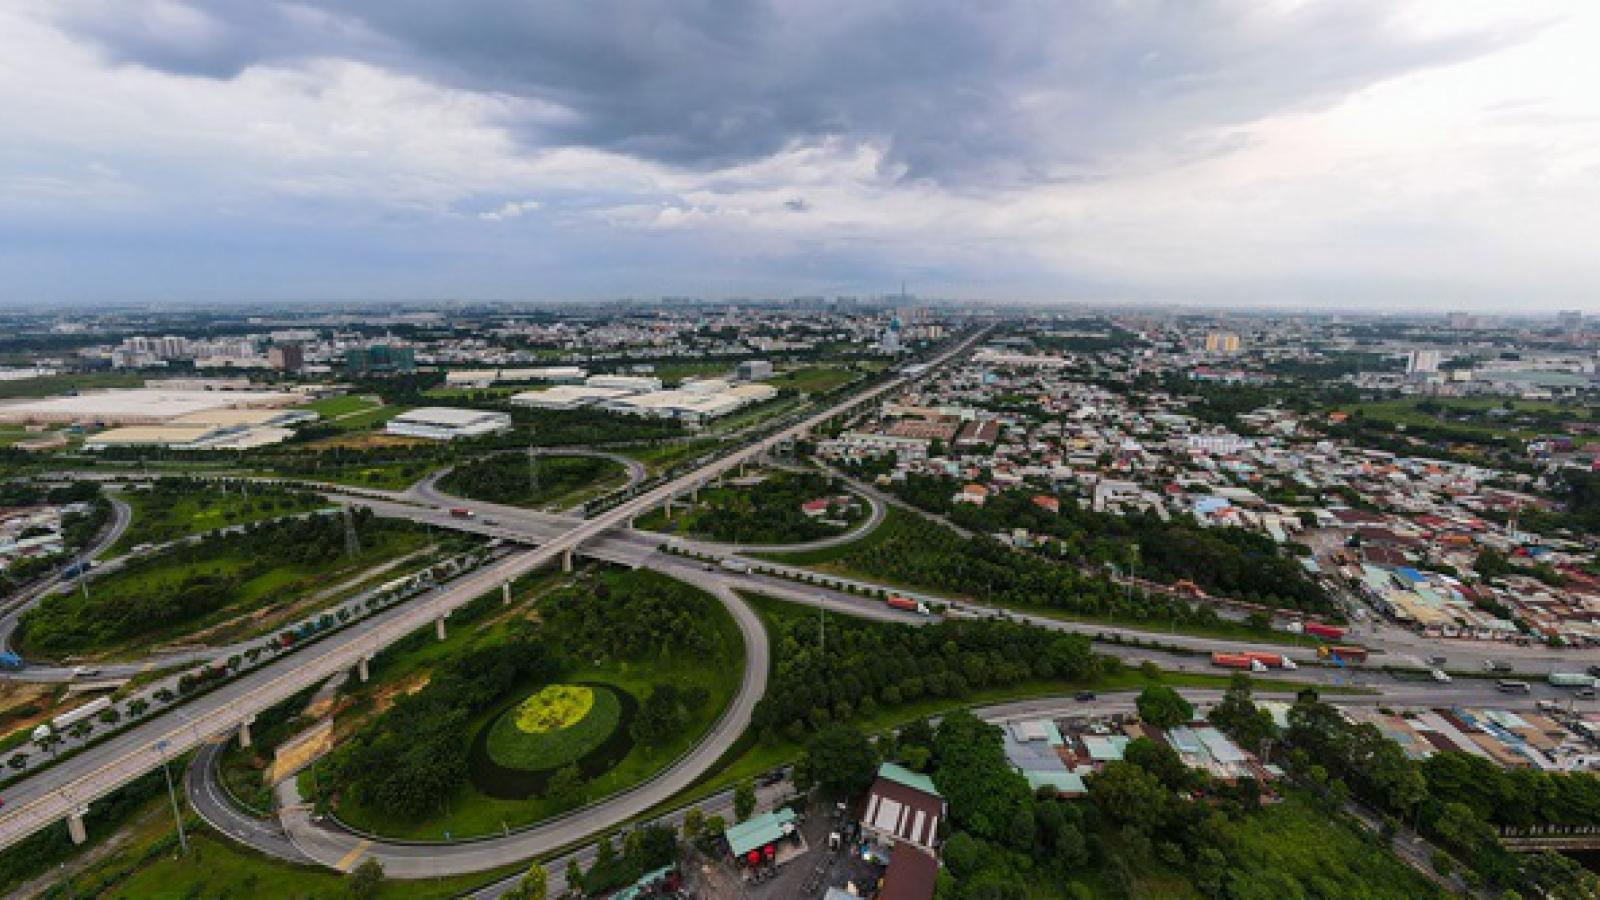 Tăng hệ số đất 2021, ảnh hưởng thế nào đến giá nhà tại Hà Nội?